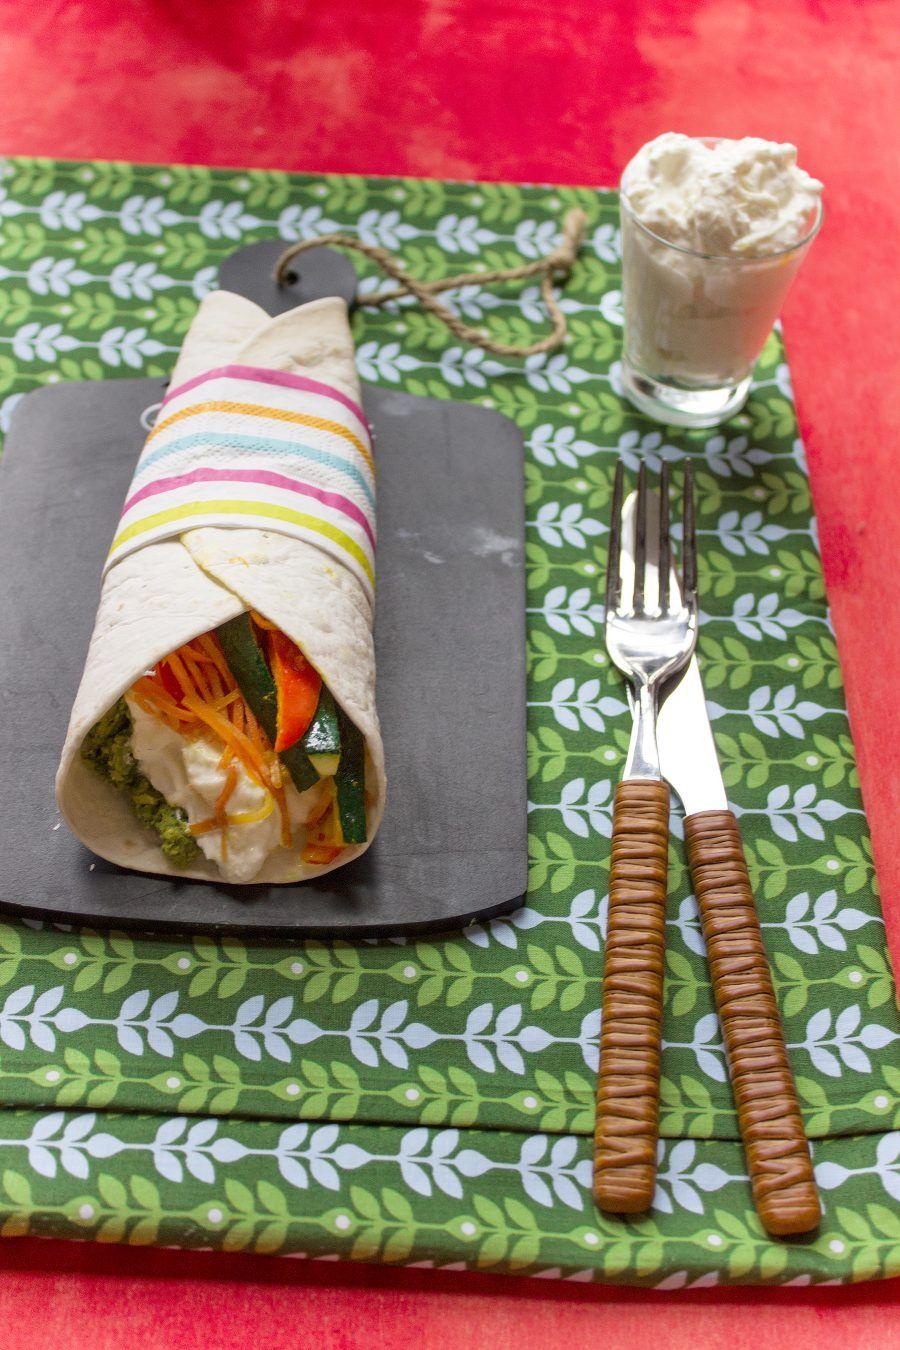 burrito-verdure-3-contemporaneo-food